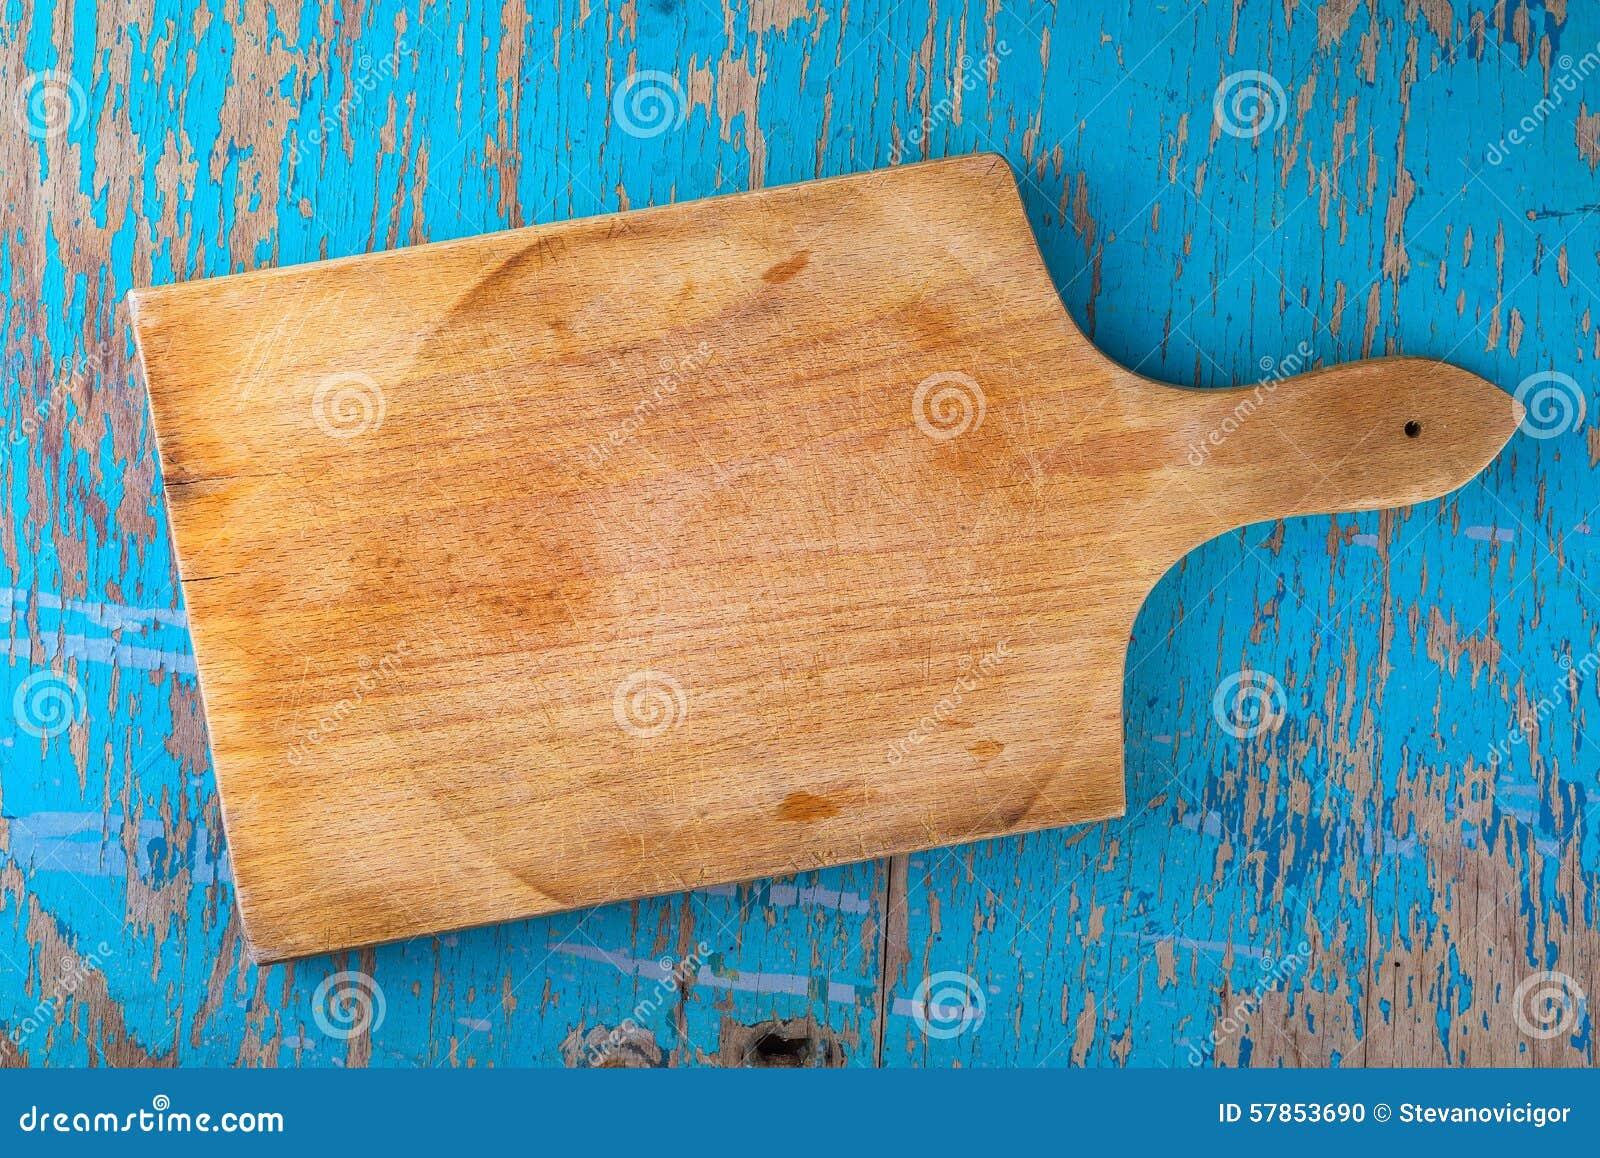 Planche d couper sur la table de cuisine en bois for Planche cuisine bois